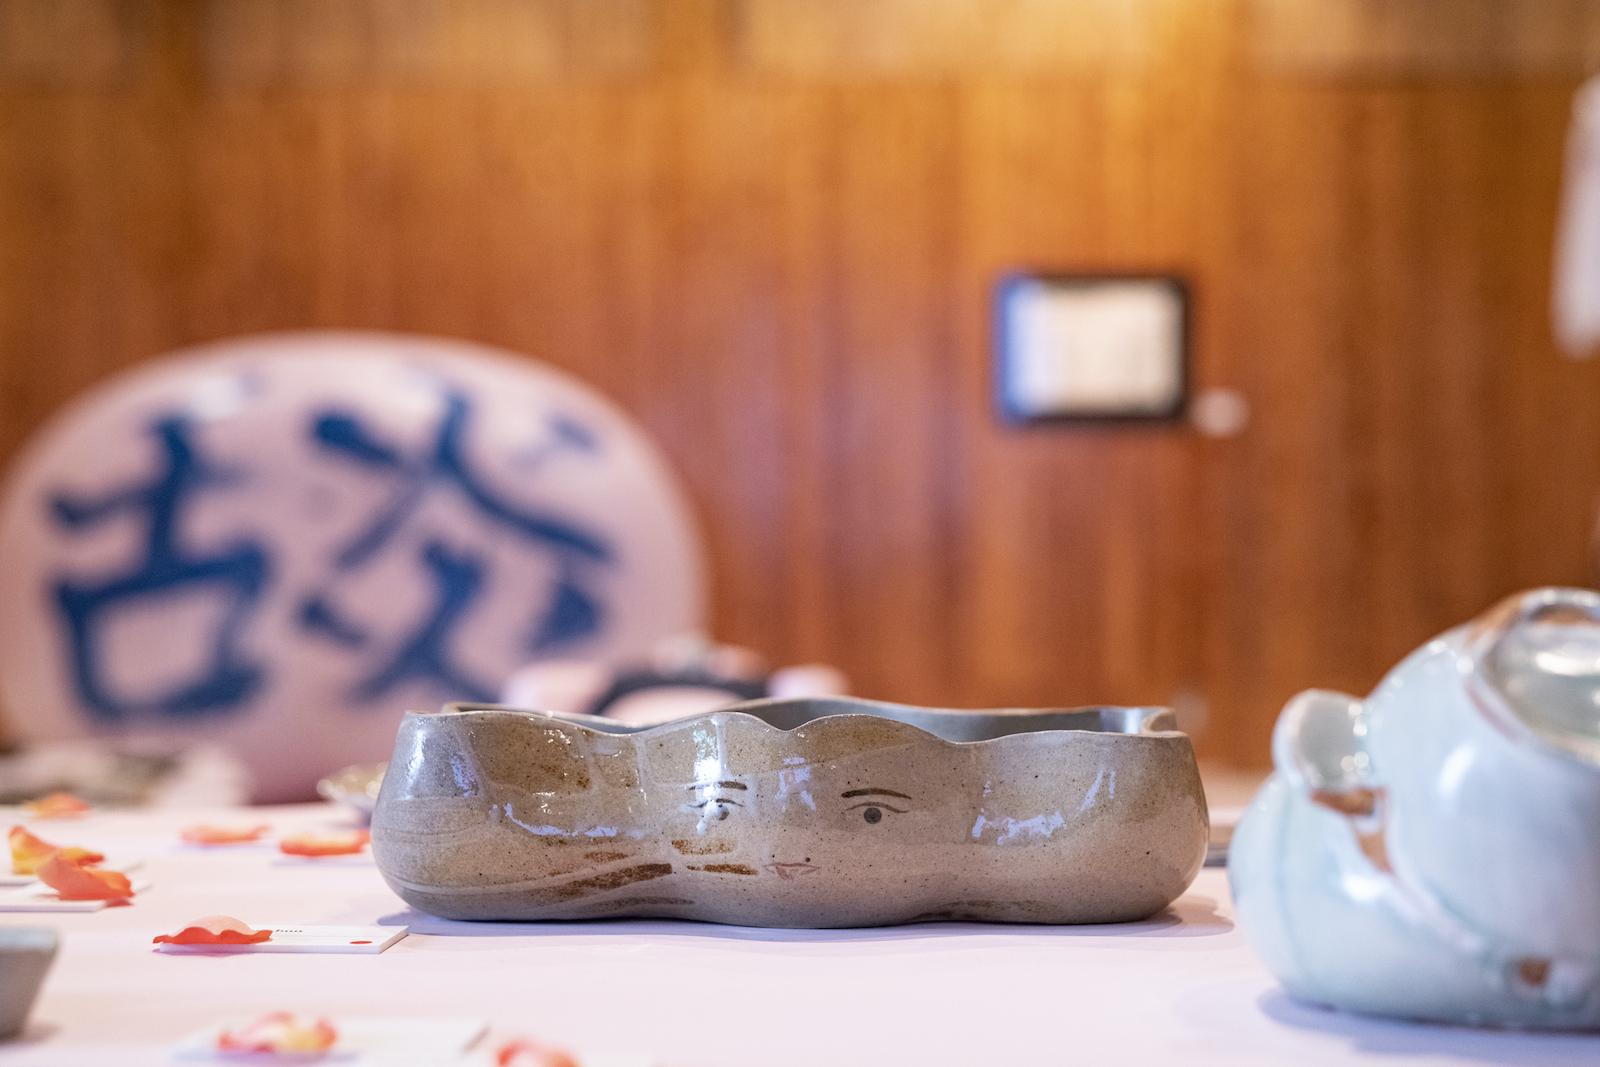 個展「舕 TONGUE」で展示された陶芸作品。photo / 梅田健太